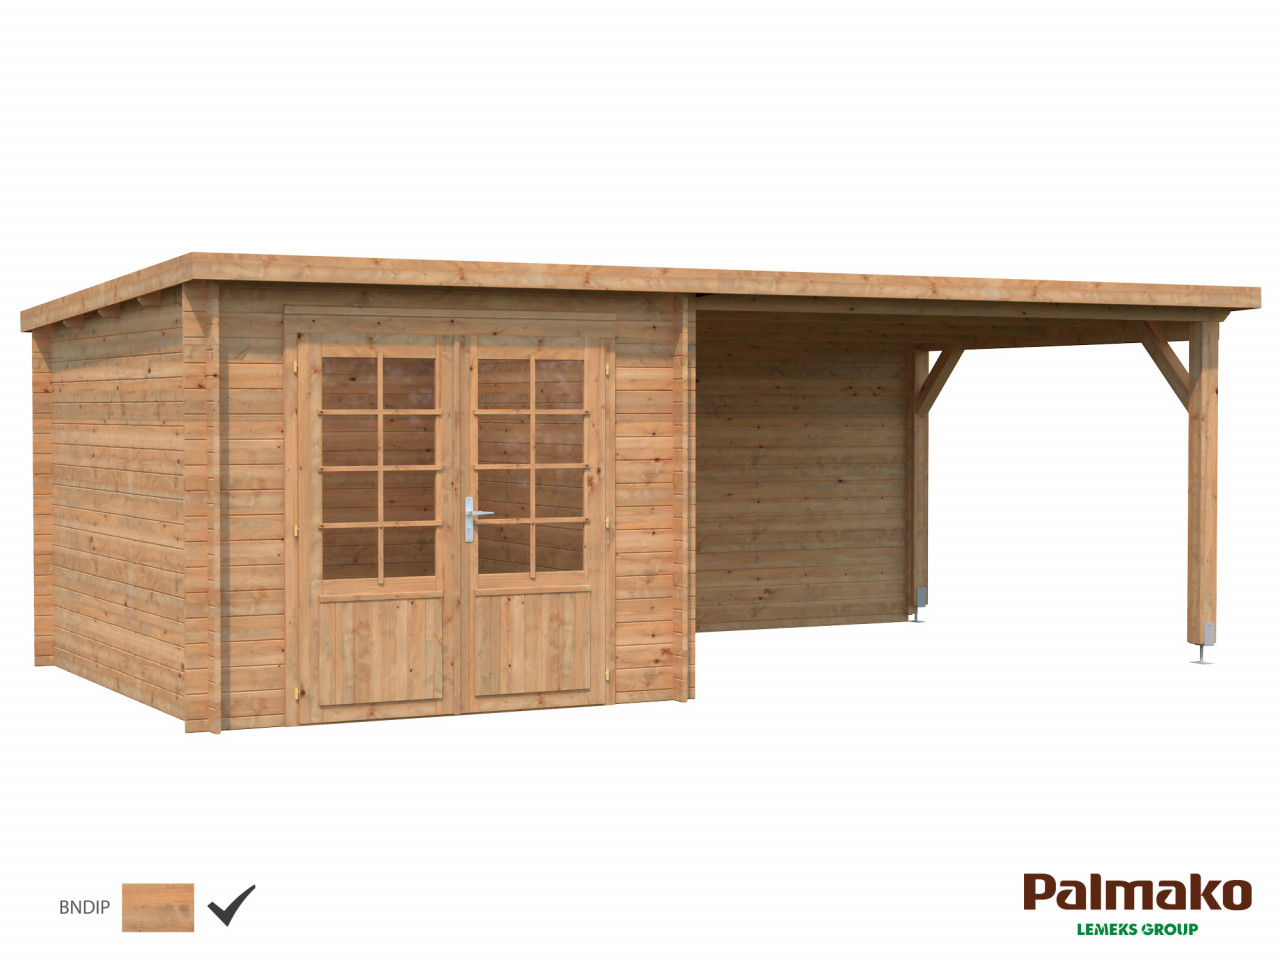 Flachdach Palmako Gartenhaus Ella 8,7+10,0 m²